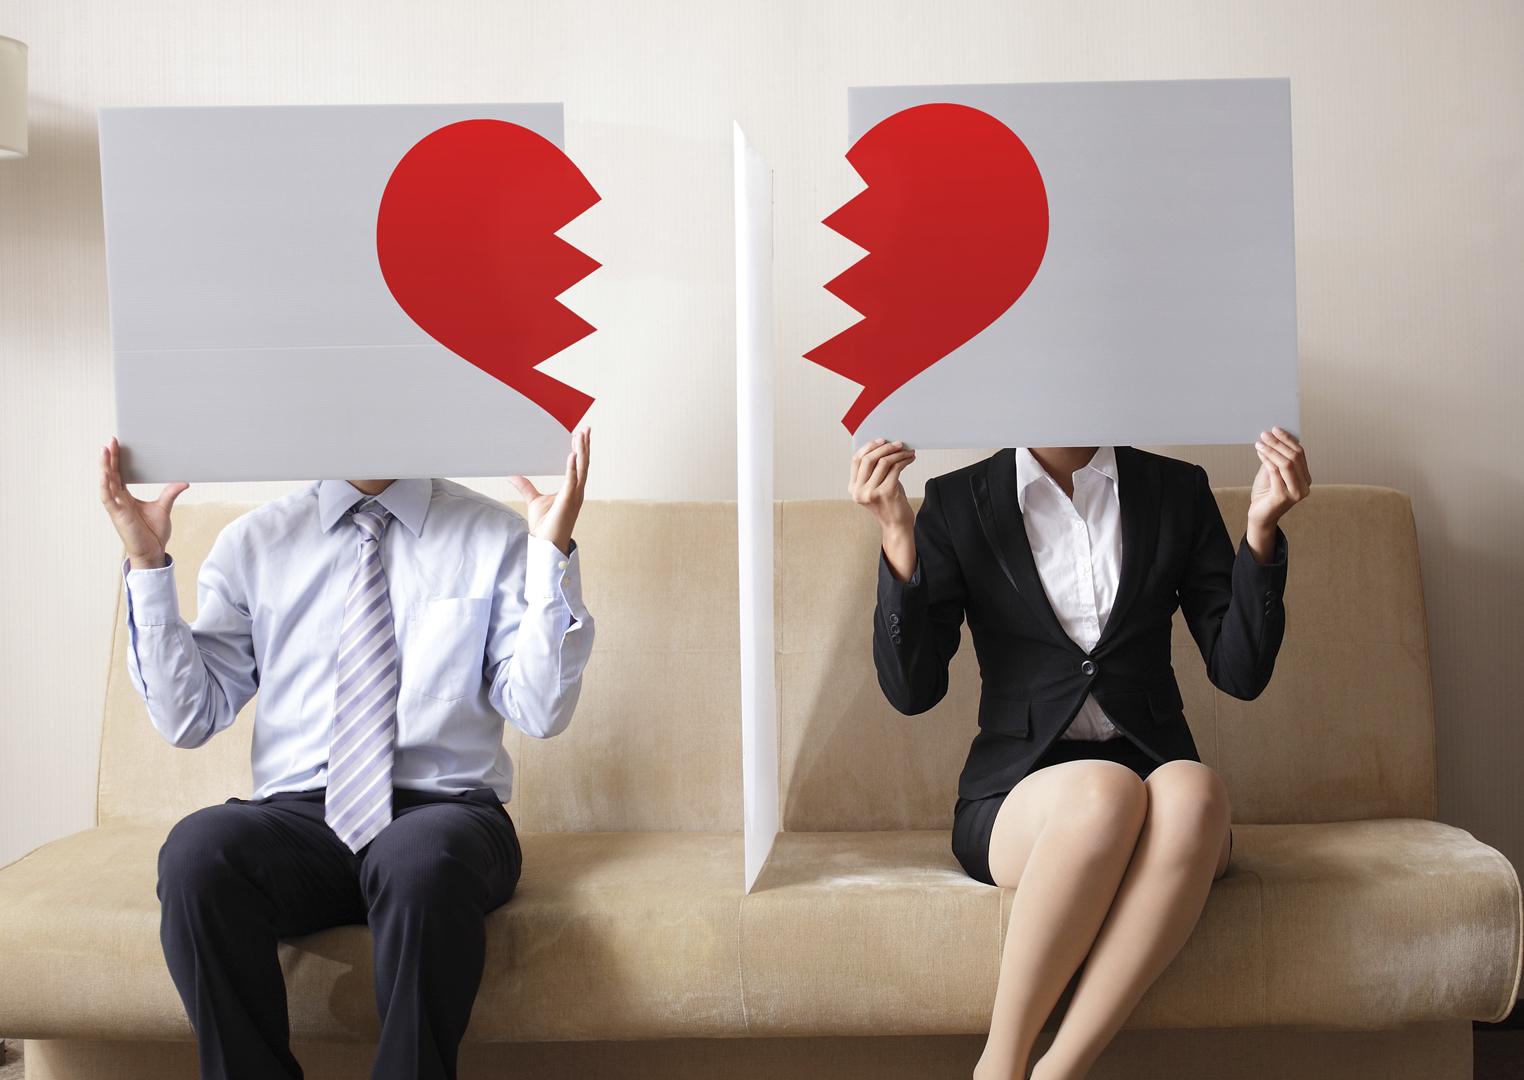 44 matrimonis es divorcien al 1r trimestre de l'any El Periòdic d'Ontinyent